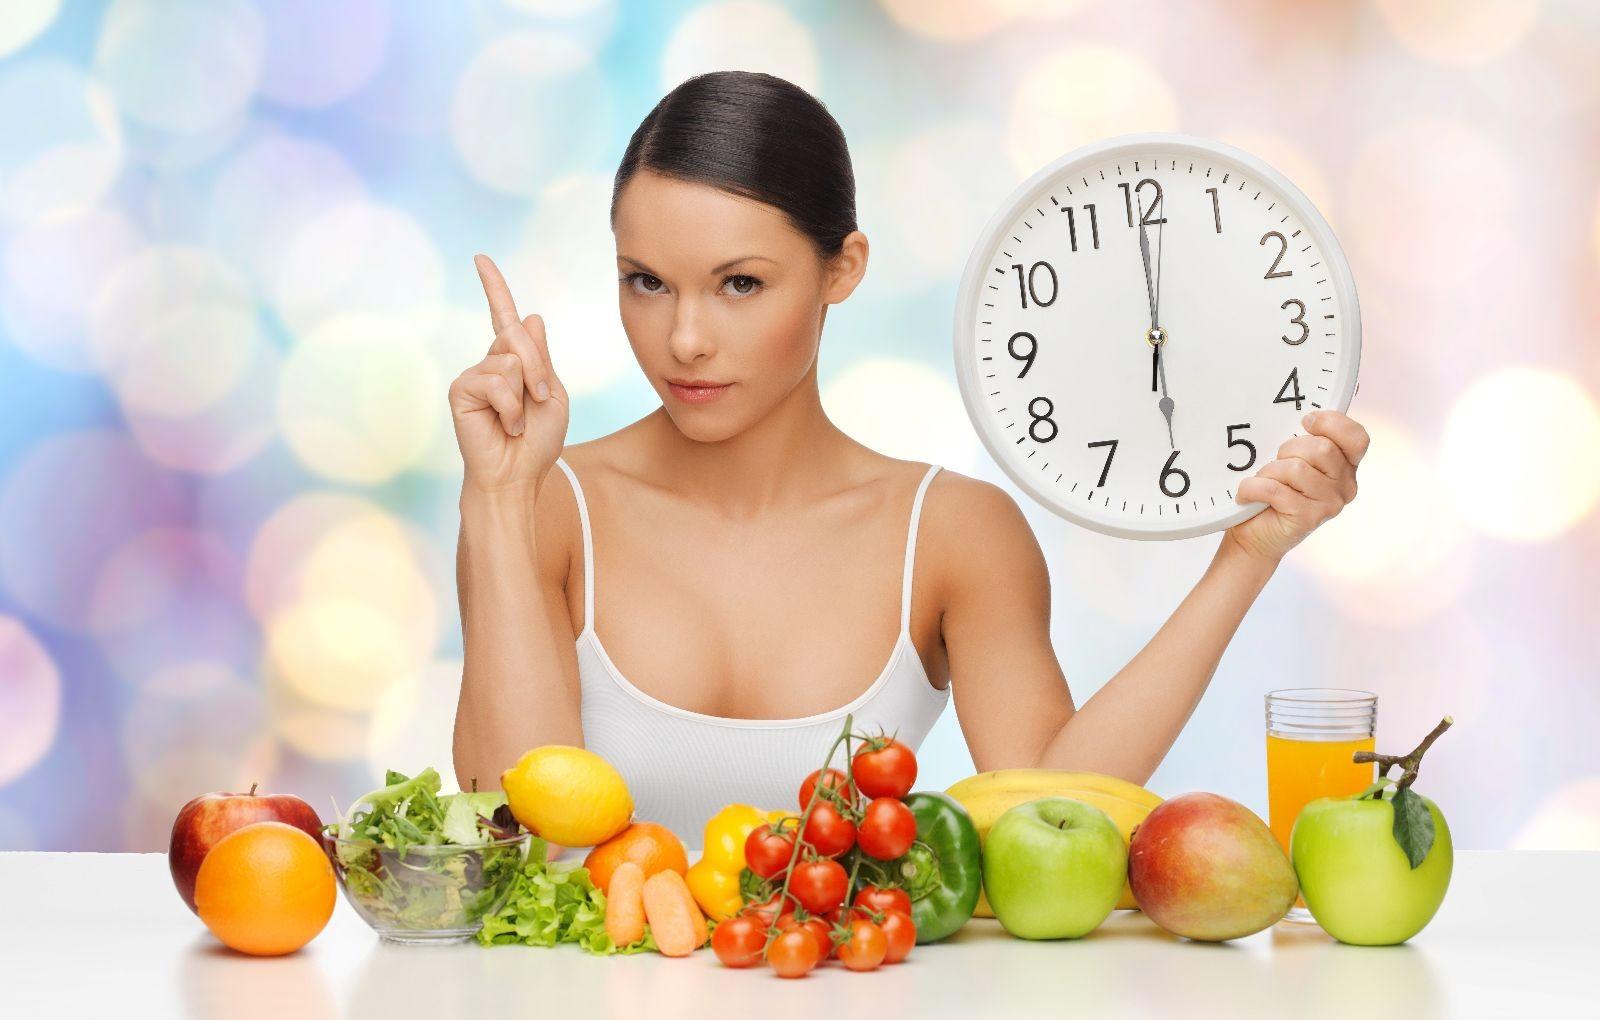 mujer con alimentos saludables y un reloj en su mano